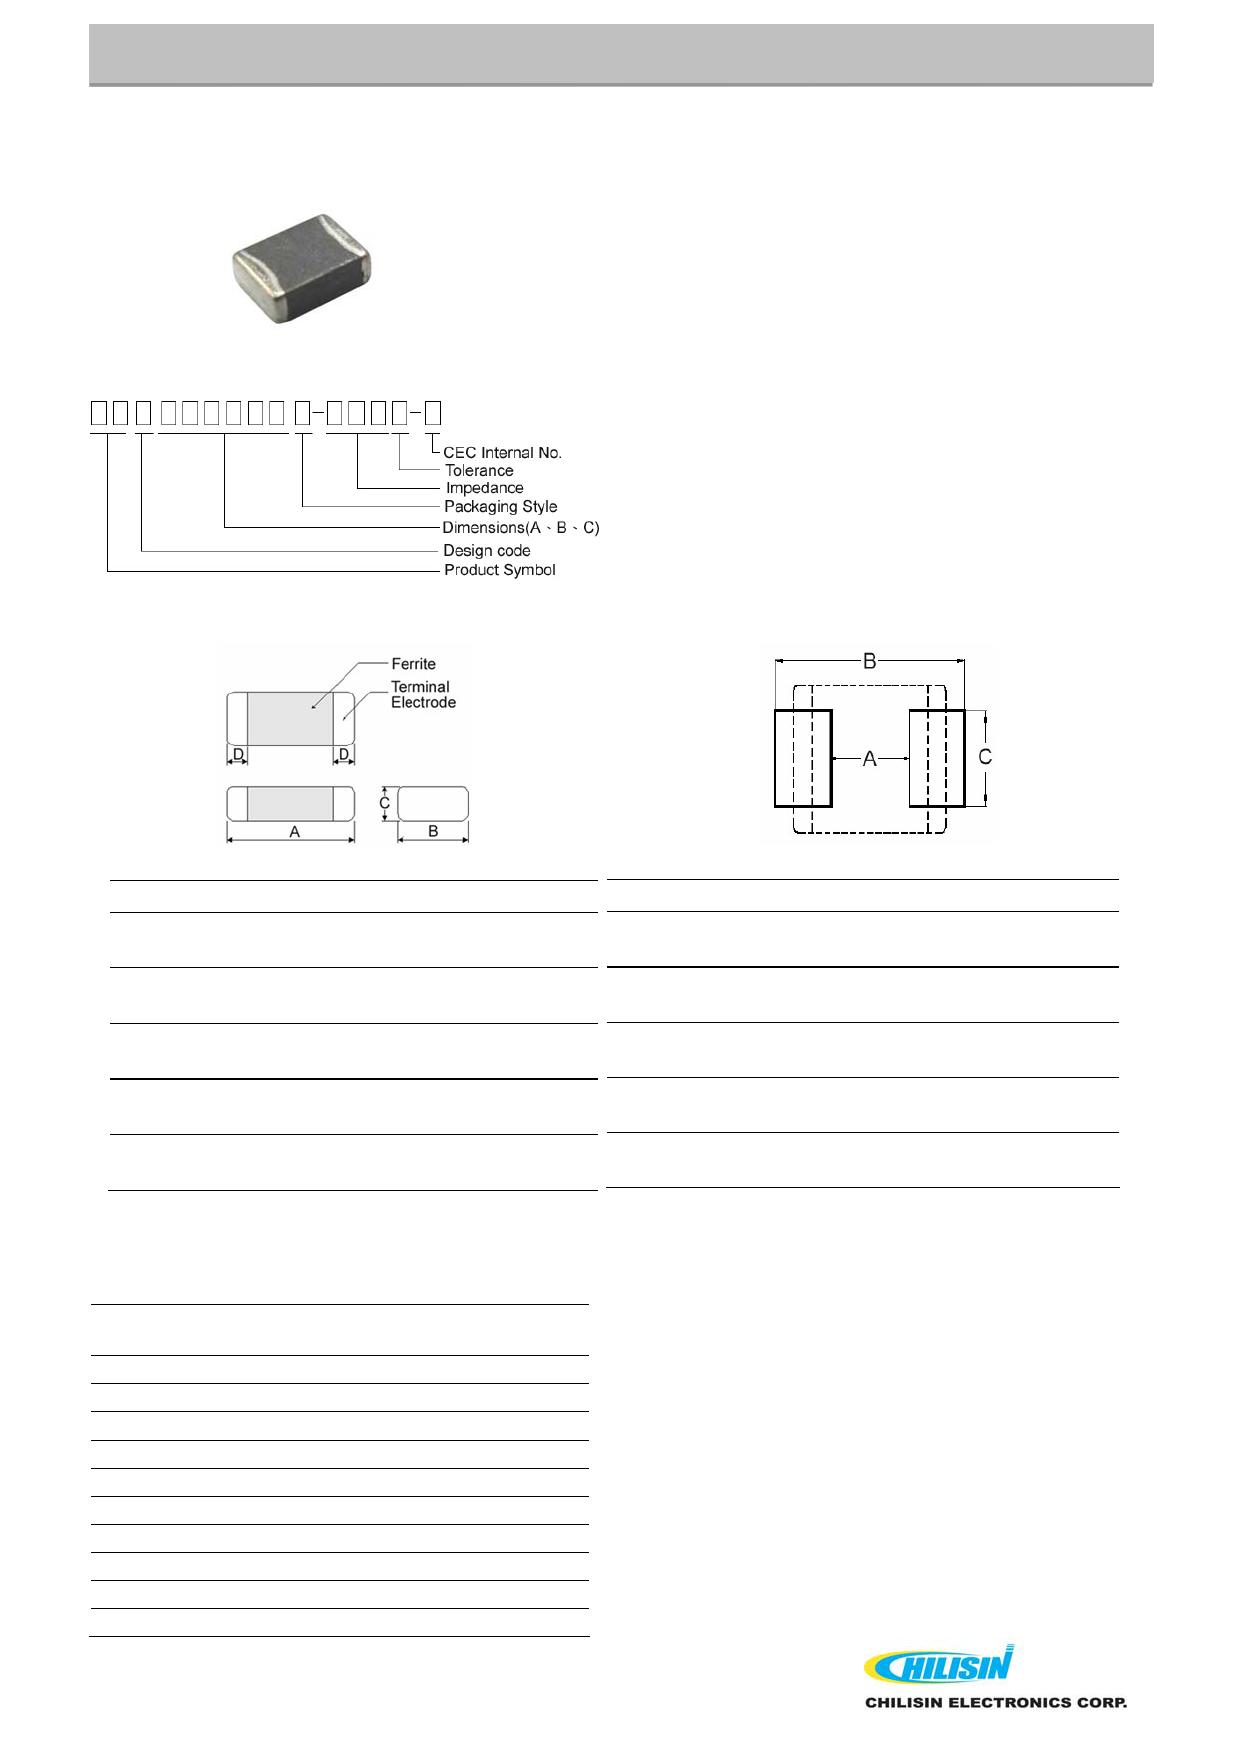 SBJ160808T 데이터시트 및 SBJ160808T PDF